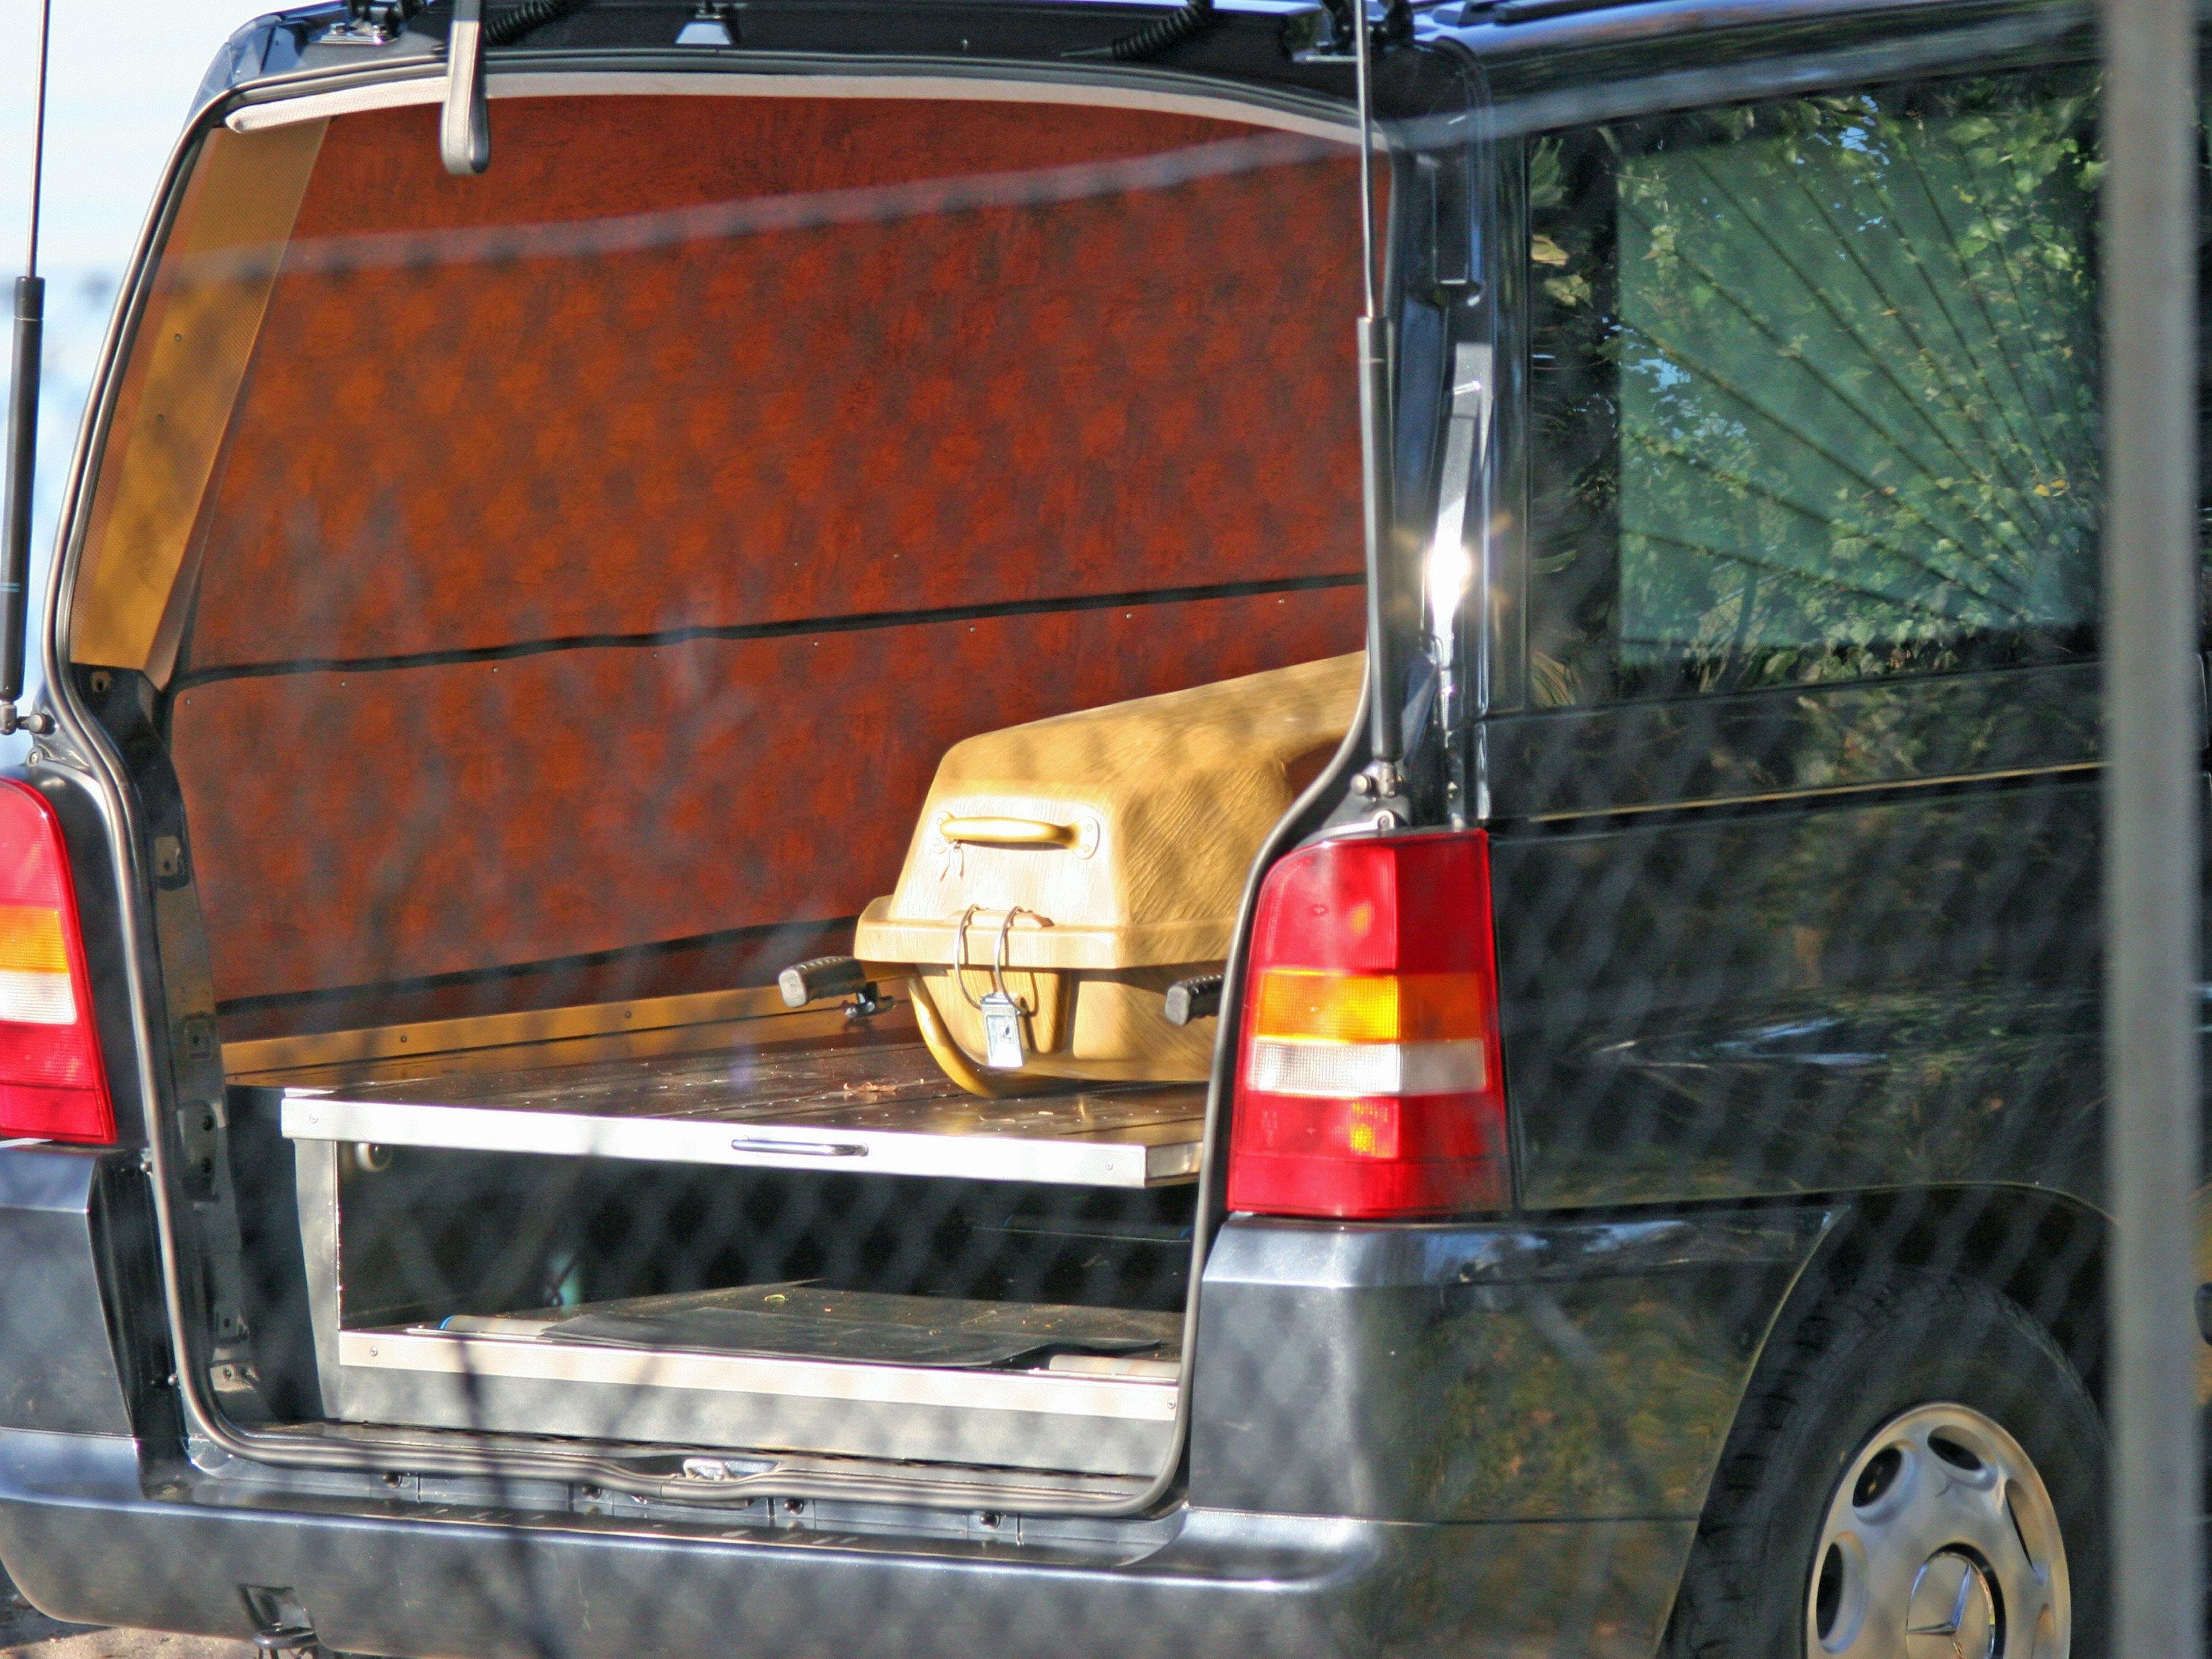 In München vermisst und gefunden: ein polnischer Leichenwagen mit einer toten Frau an Bord.